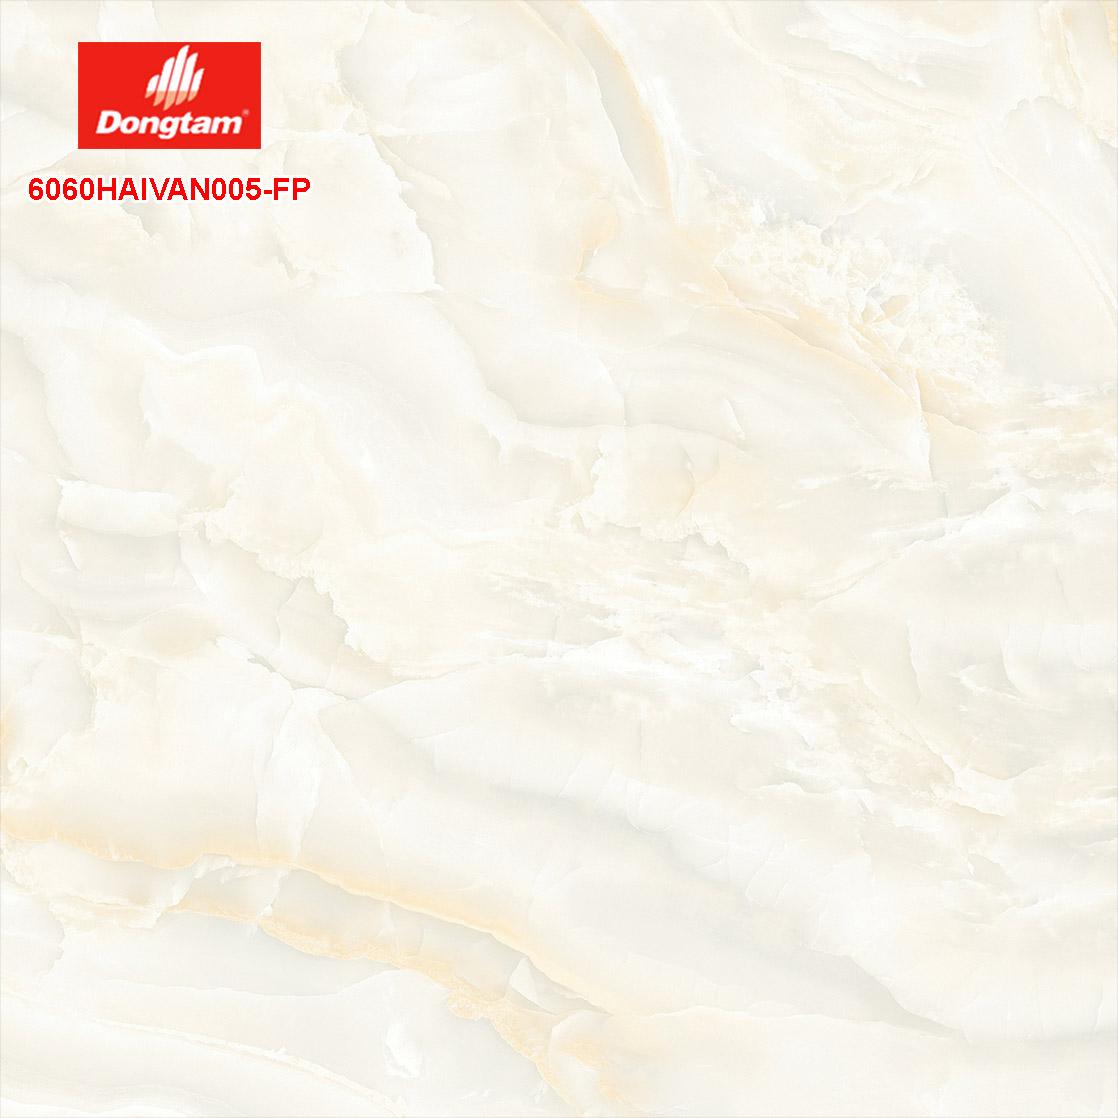 Gạch lát nền Đồng Tâm Hải Vân 6060HAIVAN005-FP giá rẻ